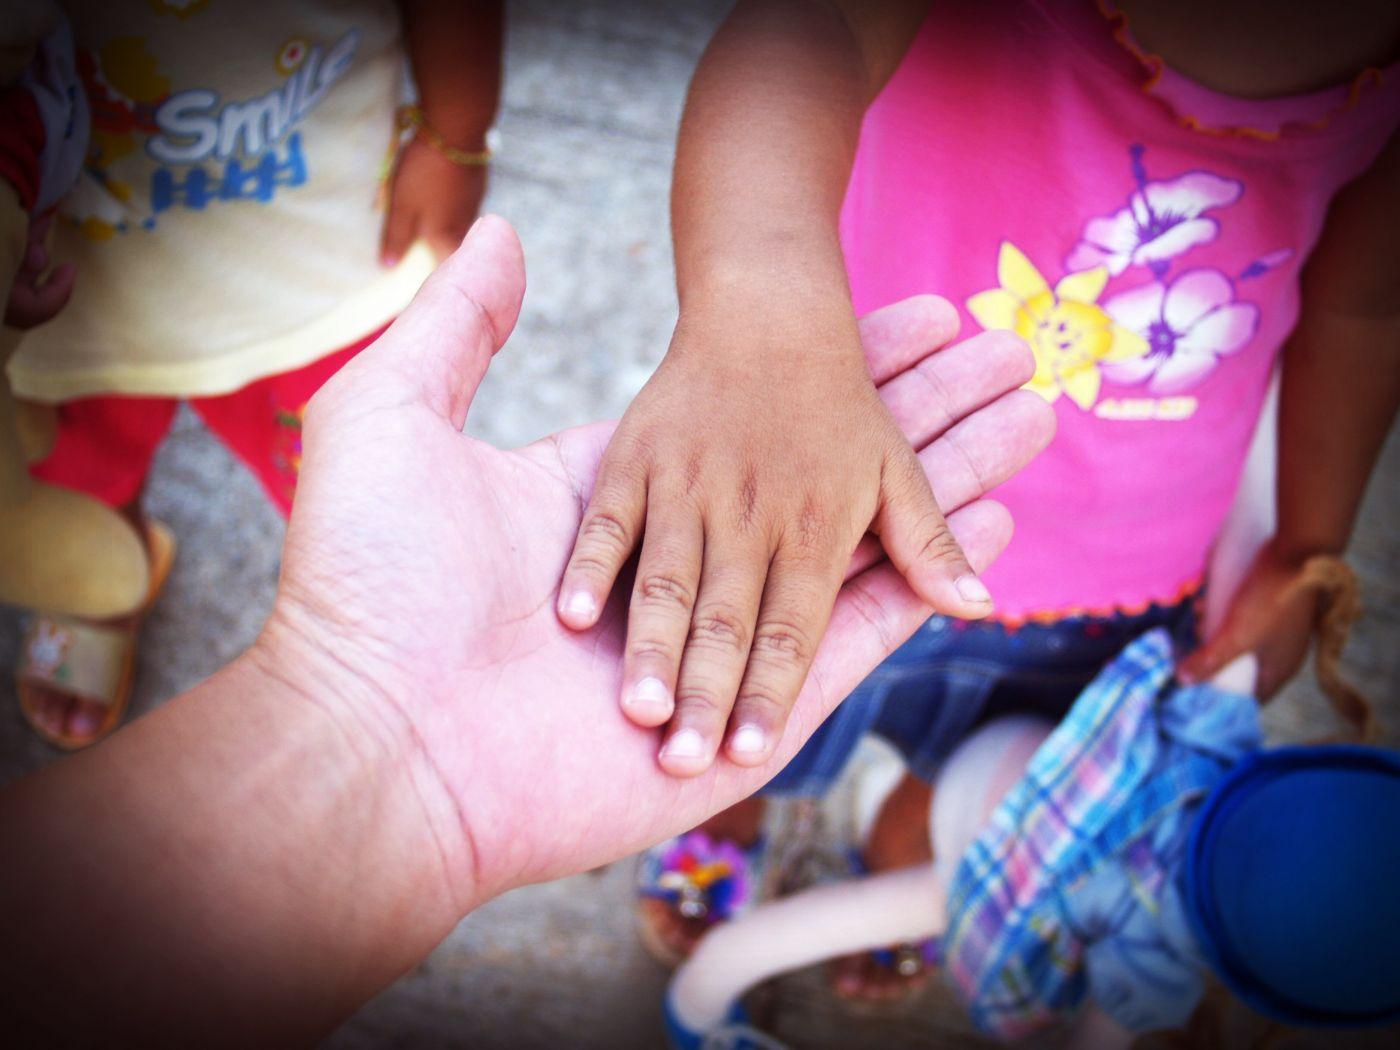 Helping Foster Children Adjust